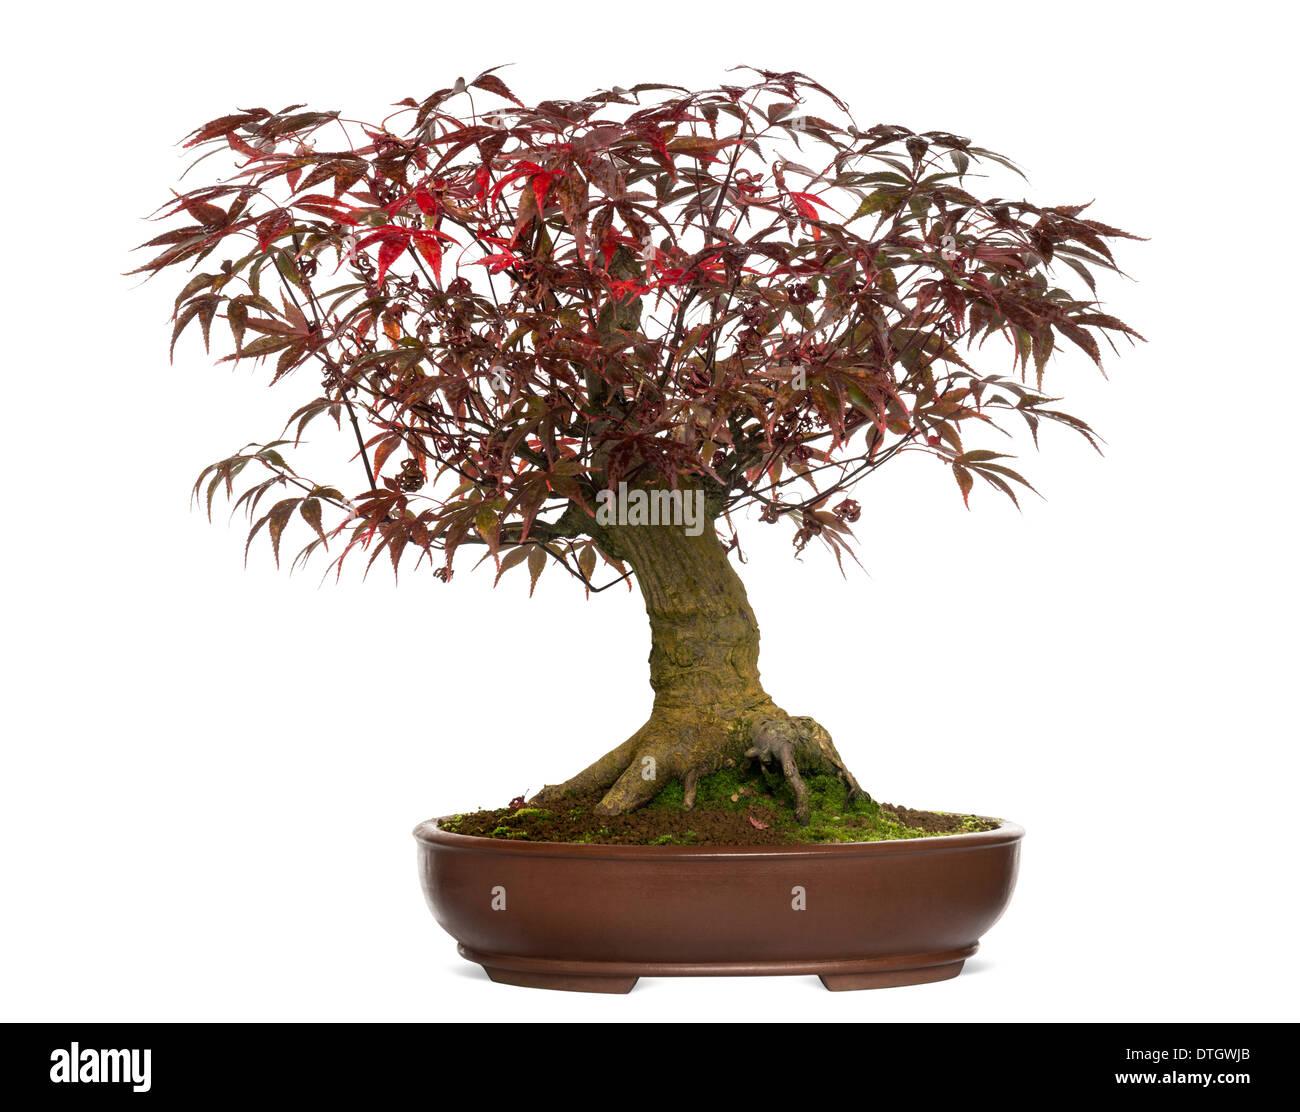 Japanese Maple bonsai tree, Acer palmatum, against white background - Stock Image